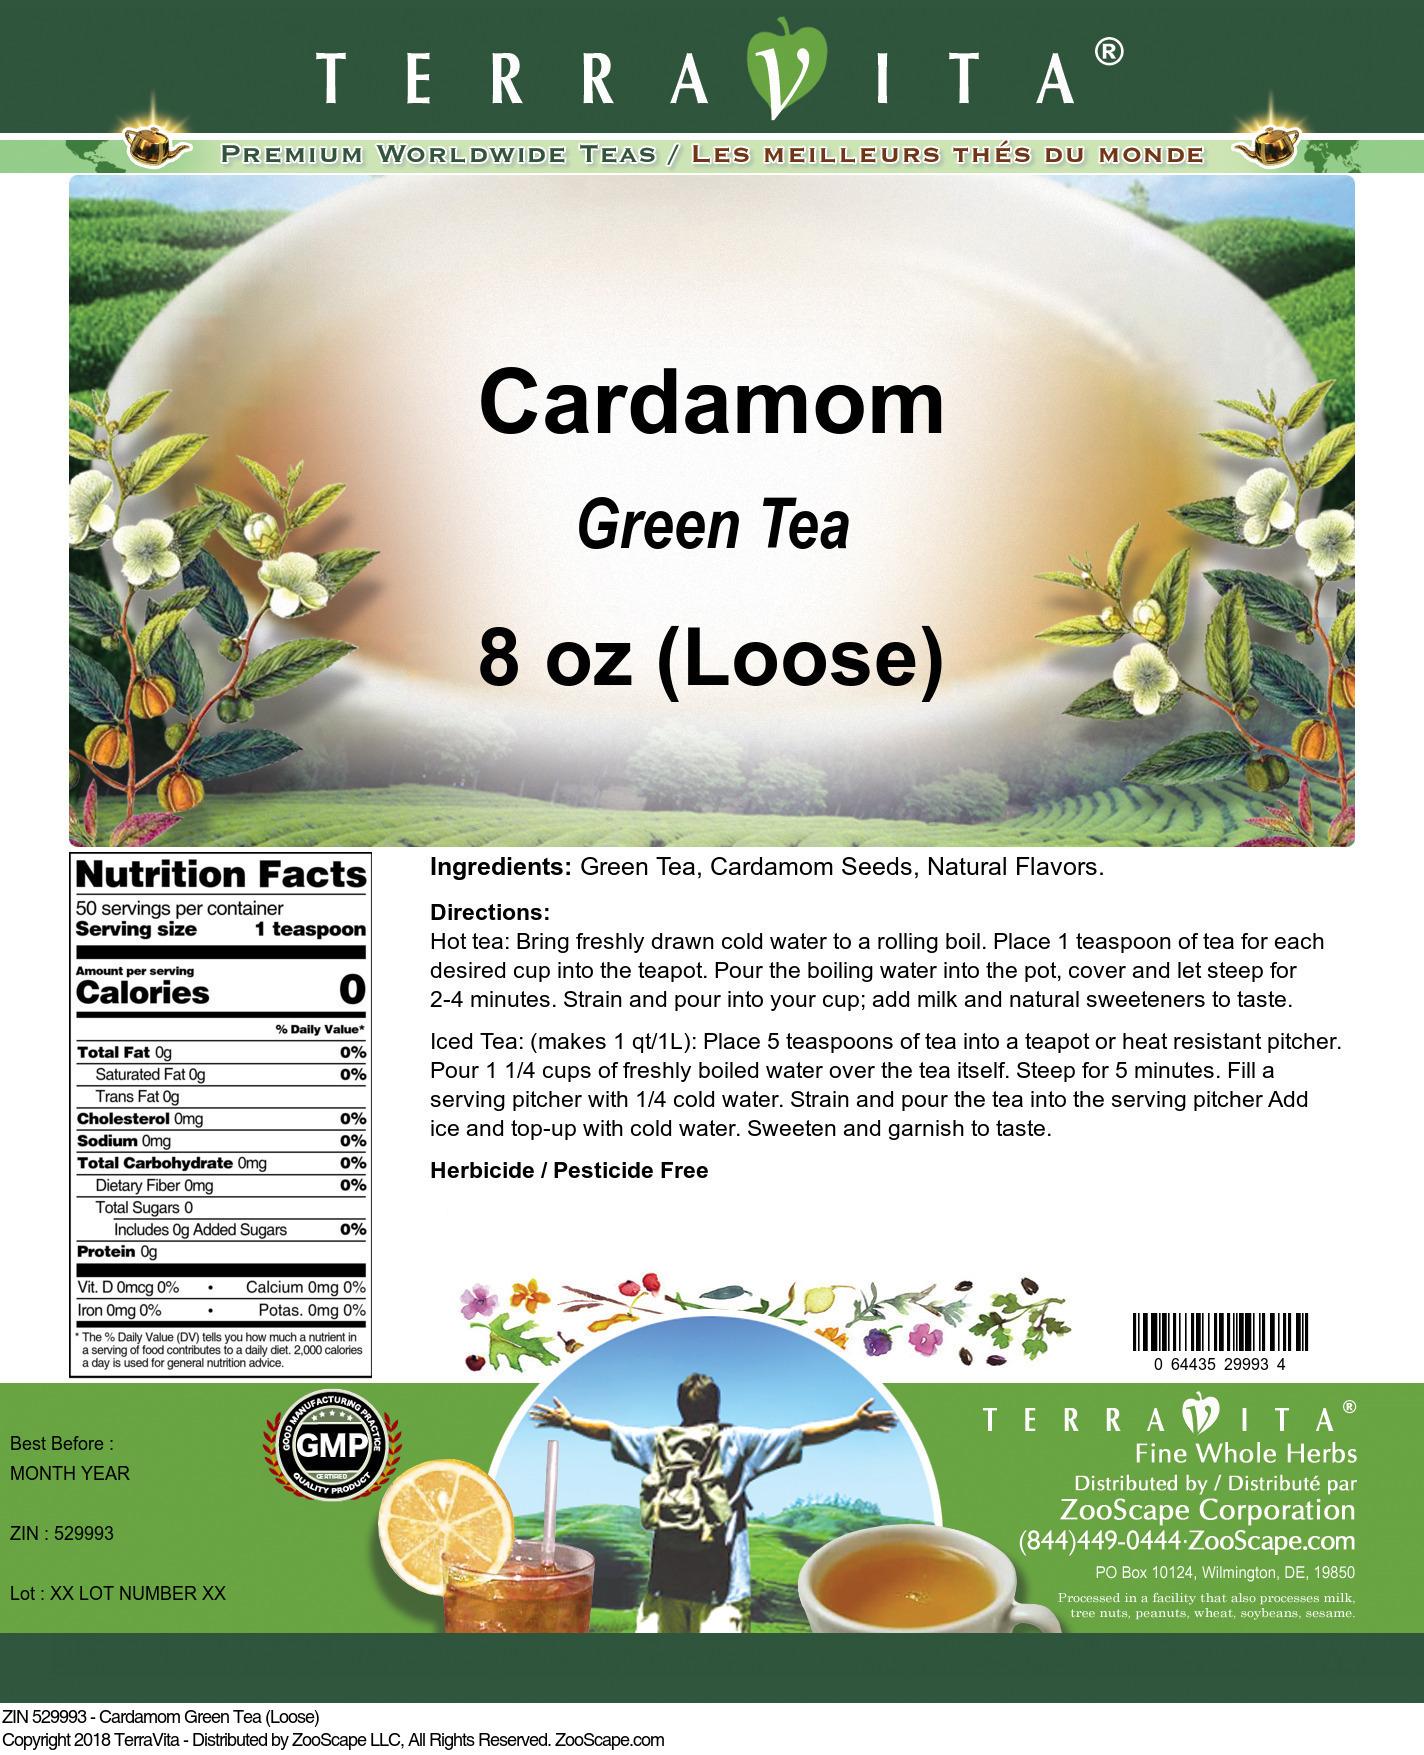 Cardamom Green Tea (Loose)